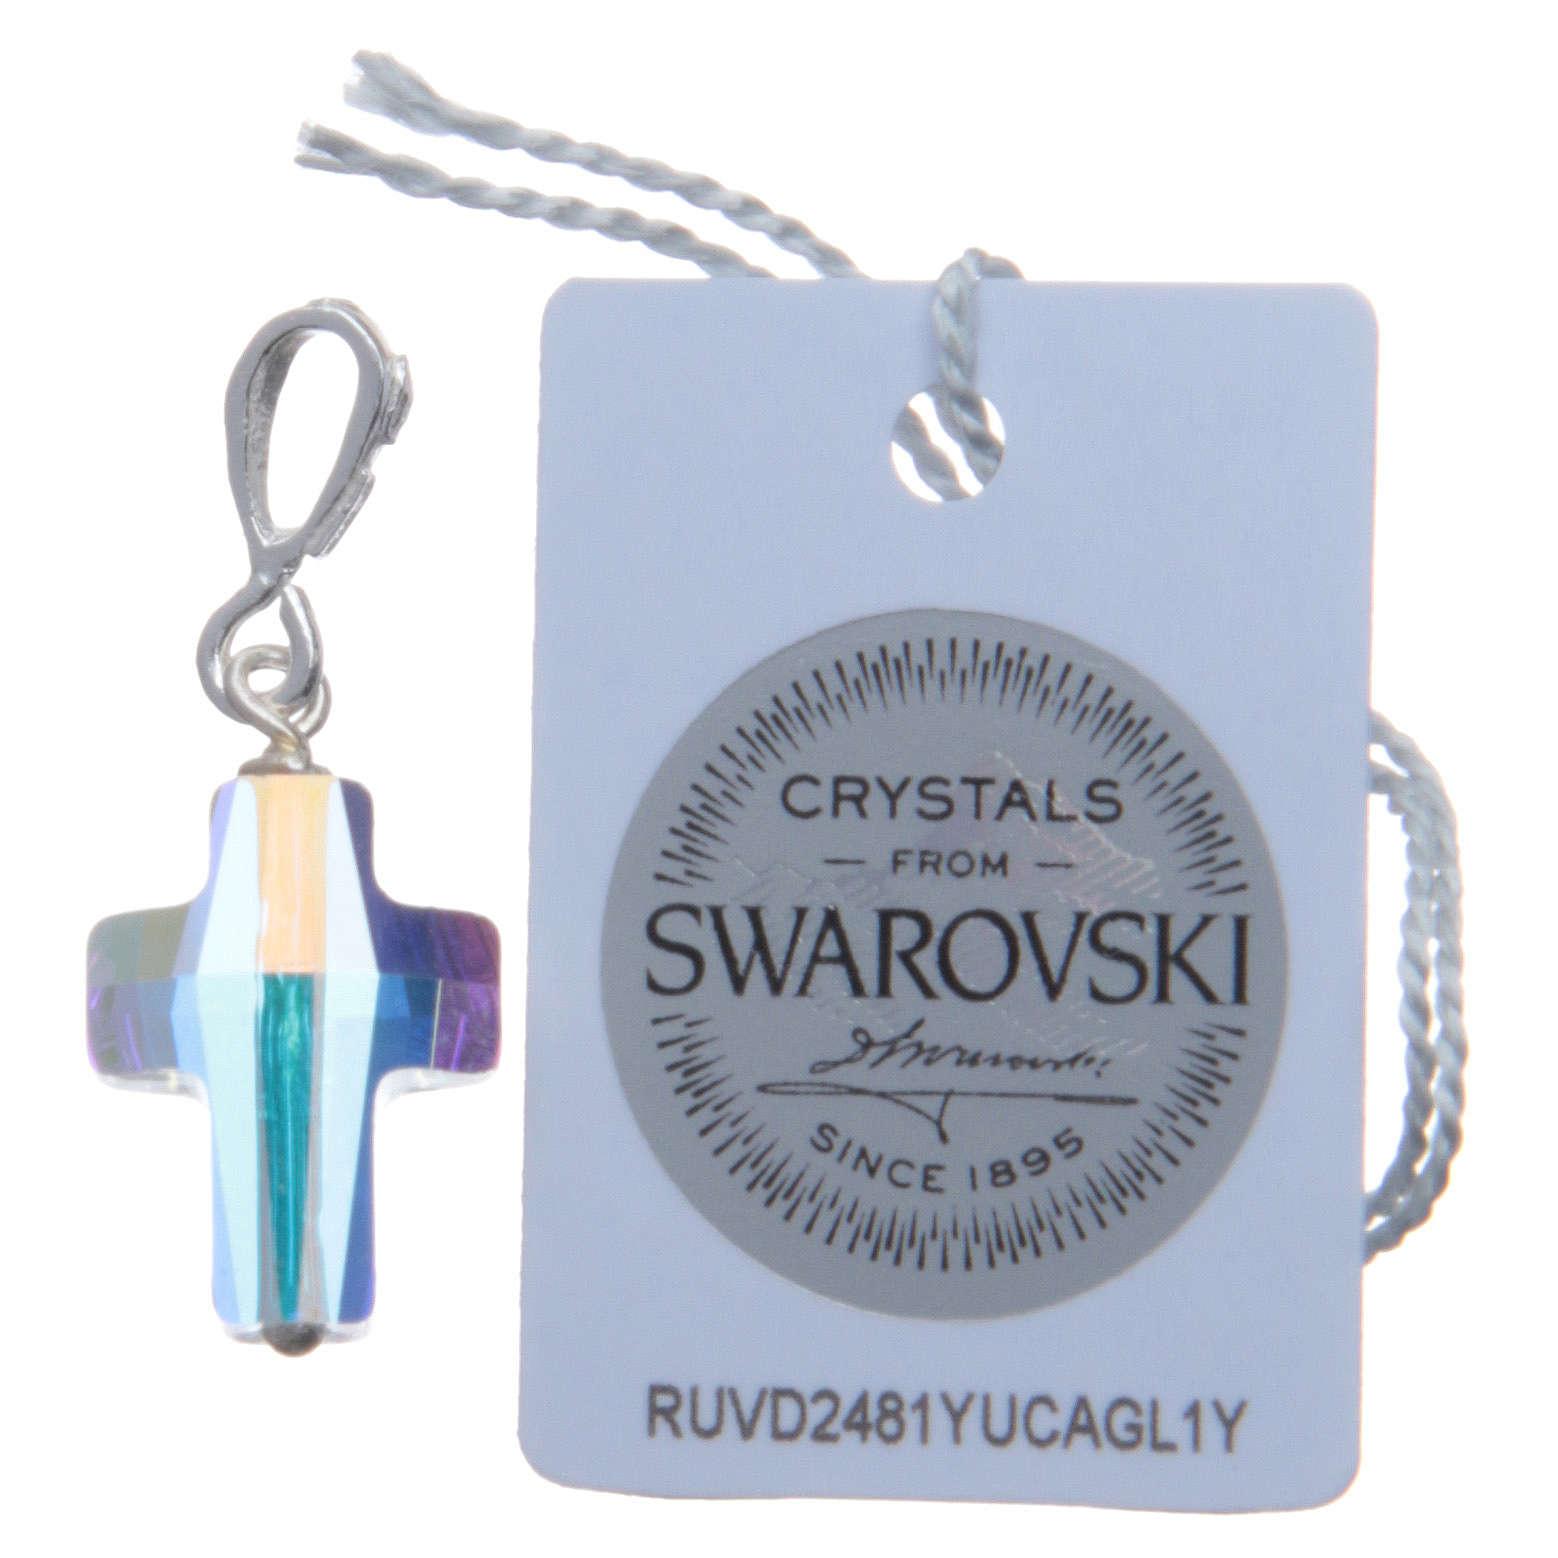 Croce pendente in cristallo Swarovski bianco e Arg. 800 cm 1,5x1 4